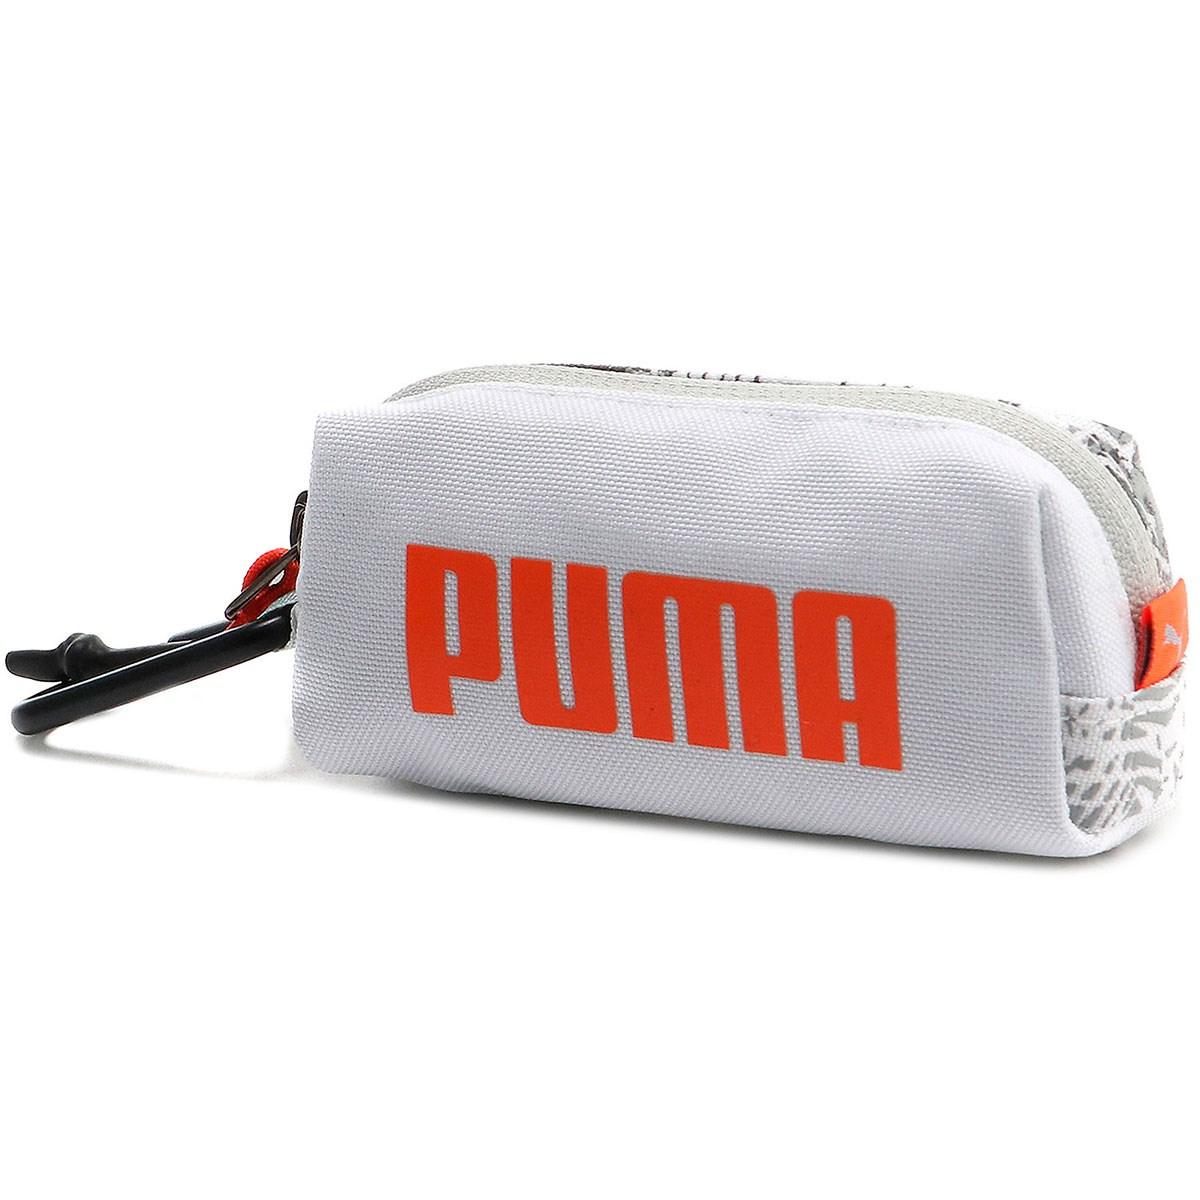 プーマ(PUMA) スカーフ ボールケース